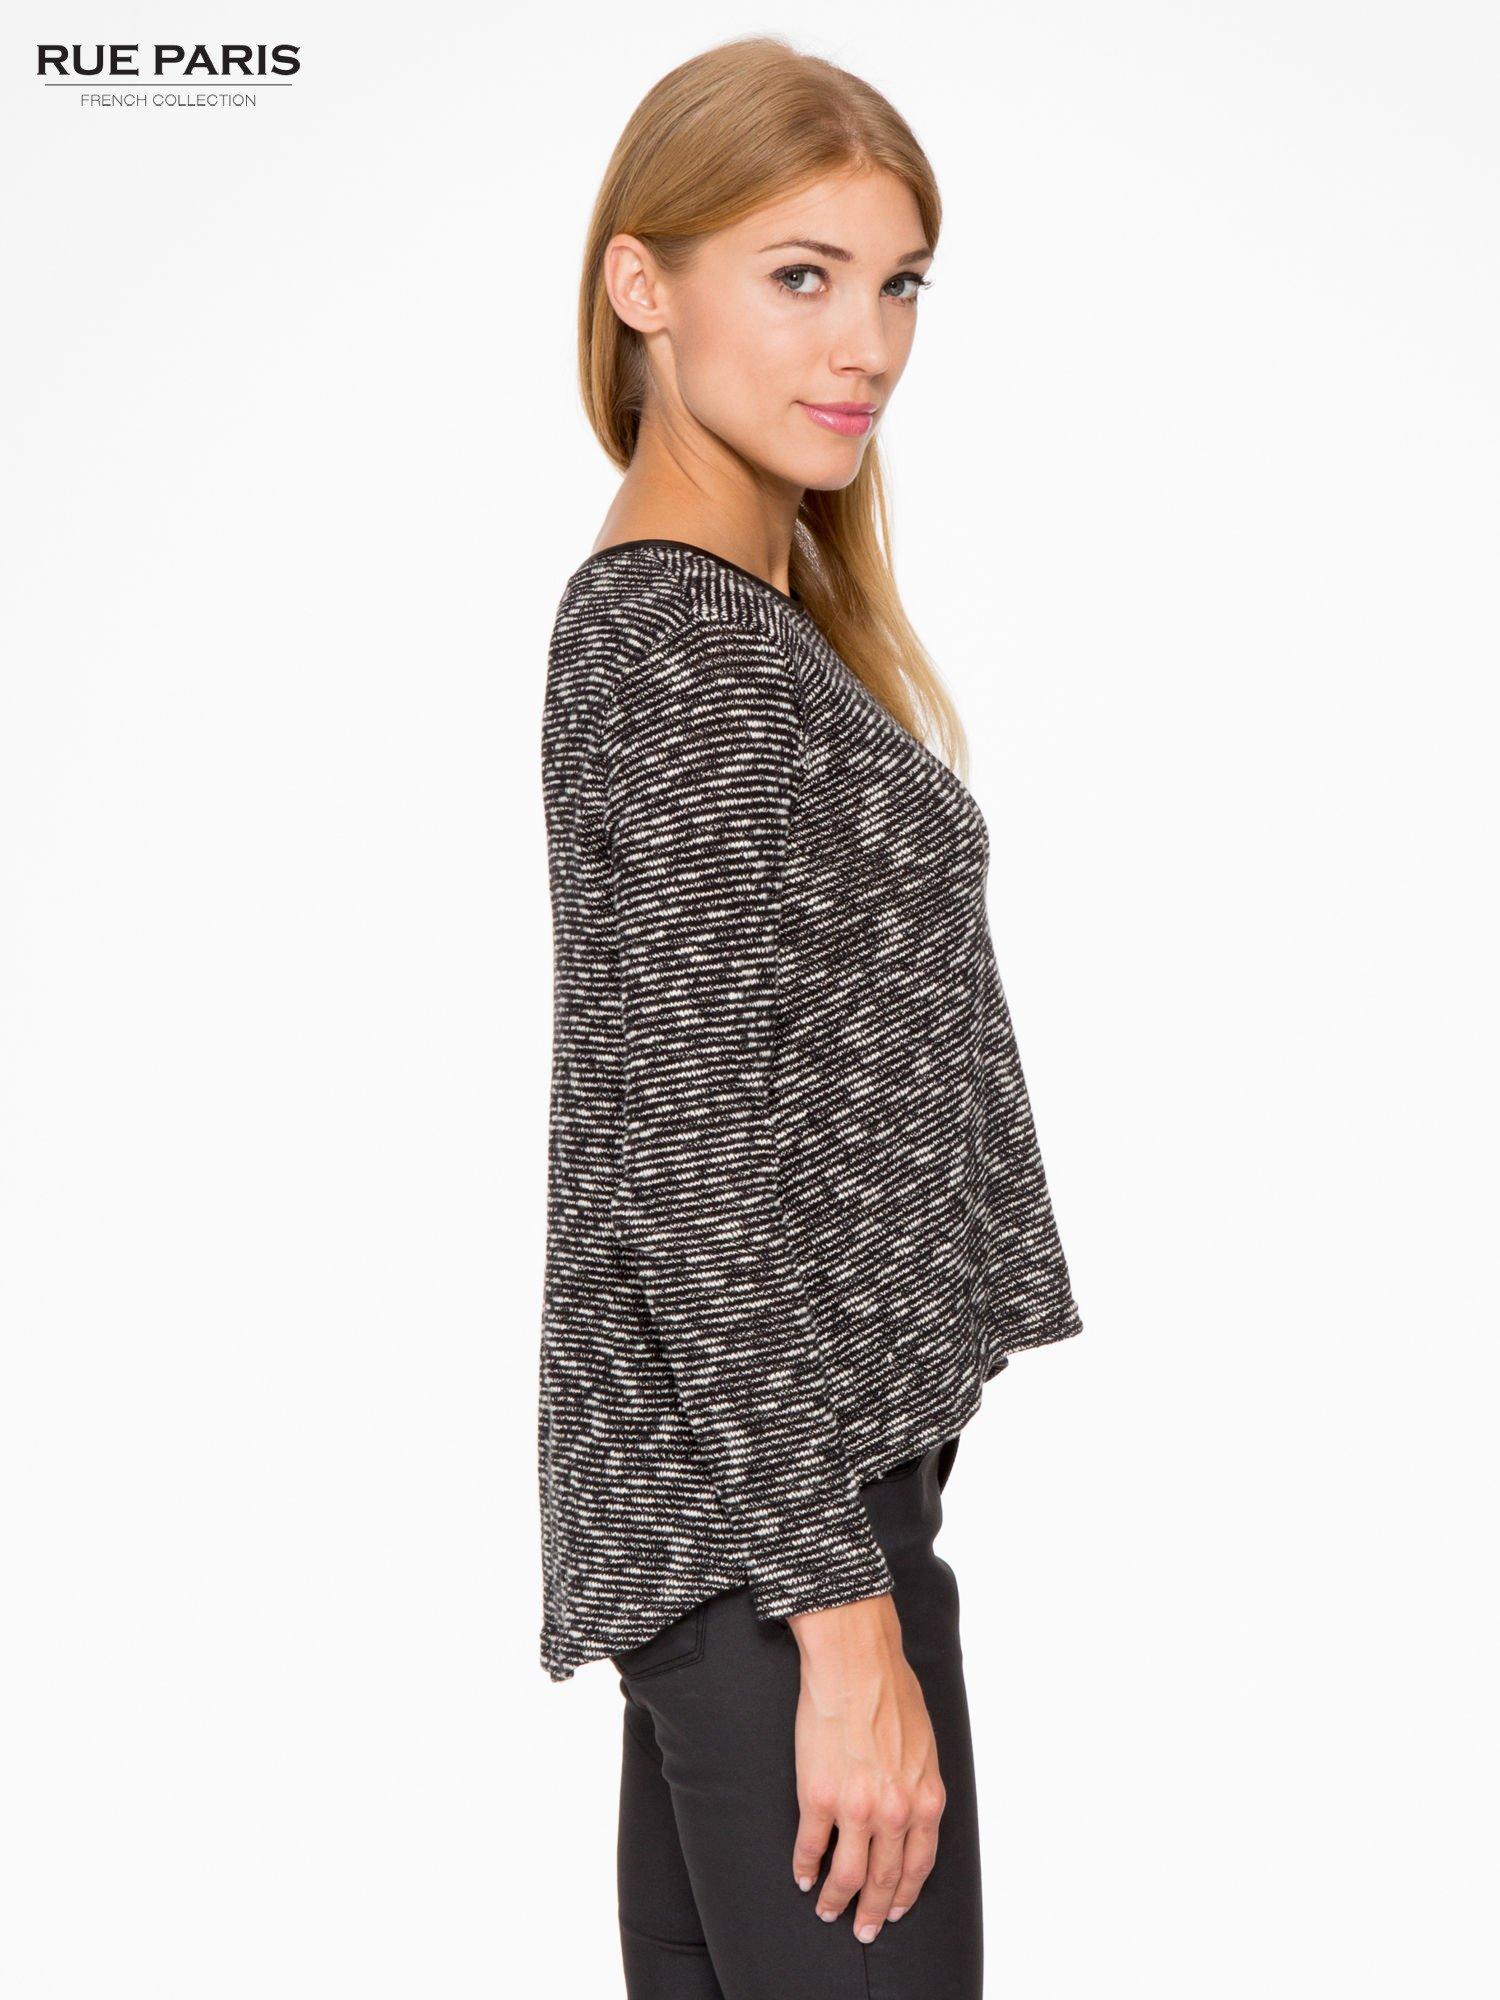 Czarny melanżowy sweter ze skórzaną lamówką przy dekolcie                                  zdj.                                  3